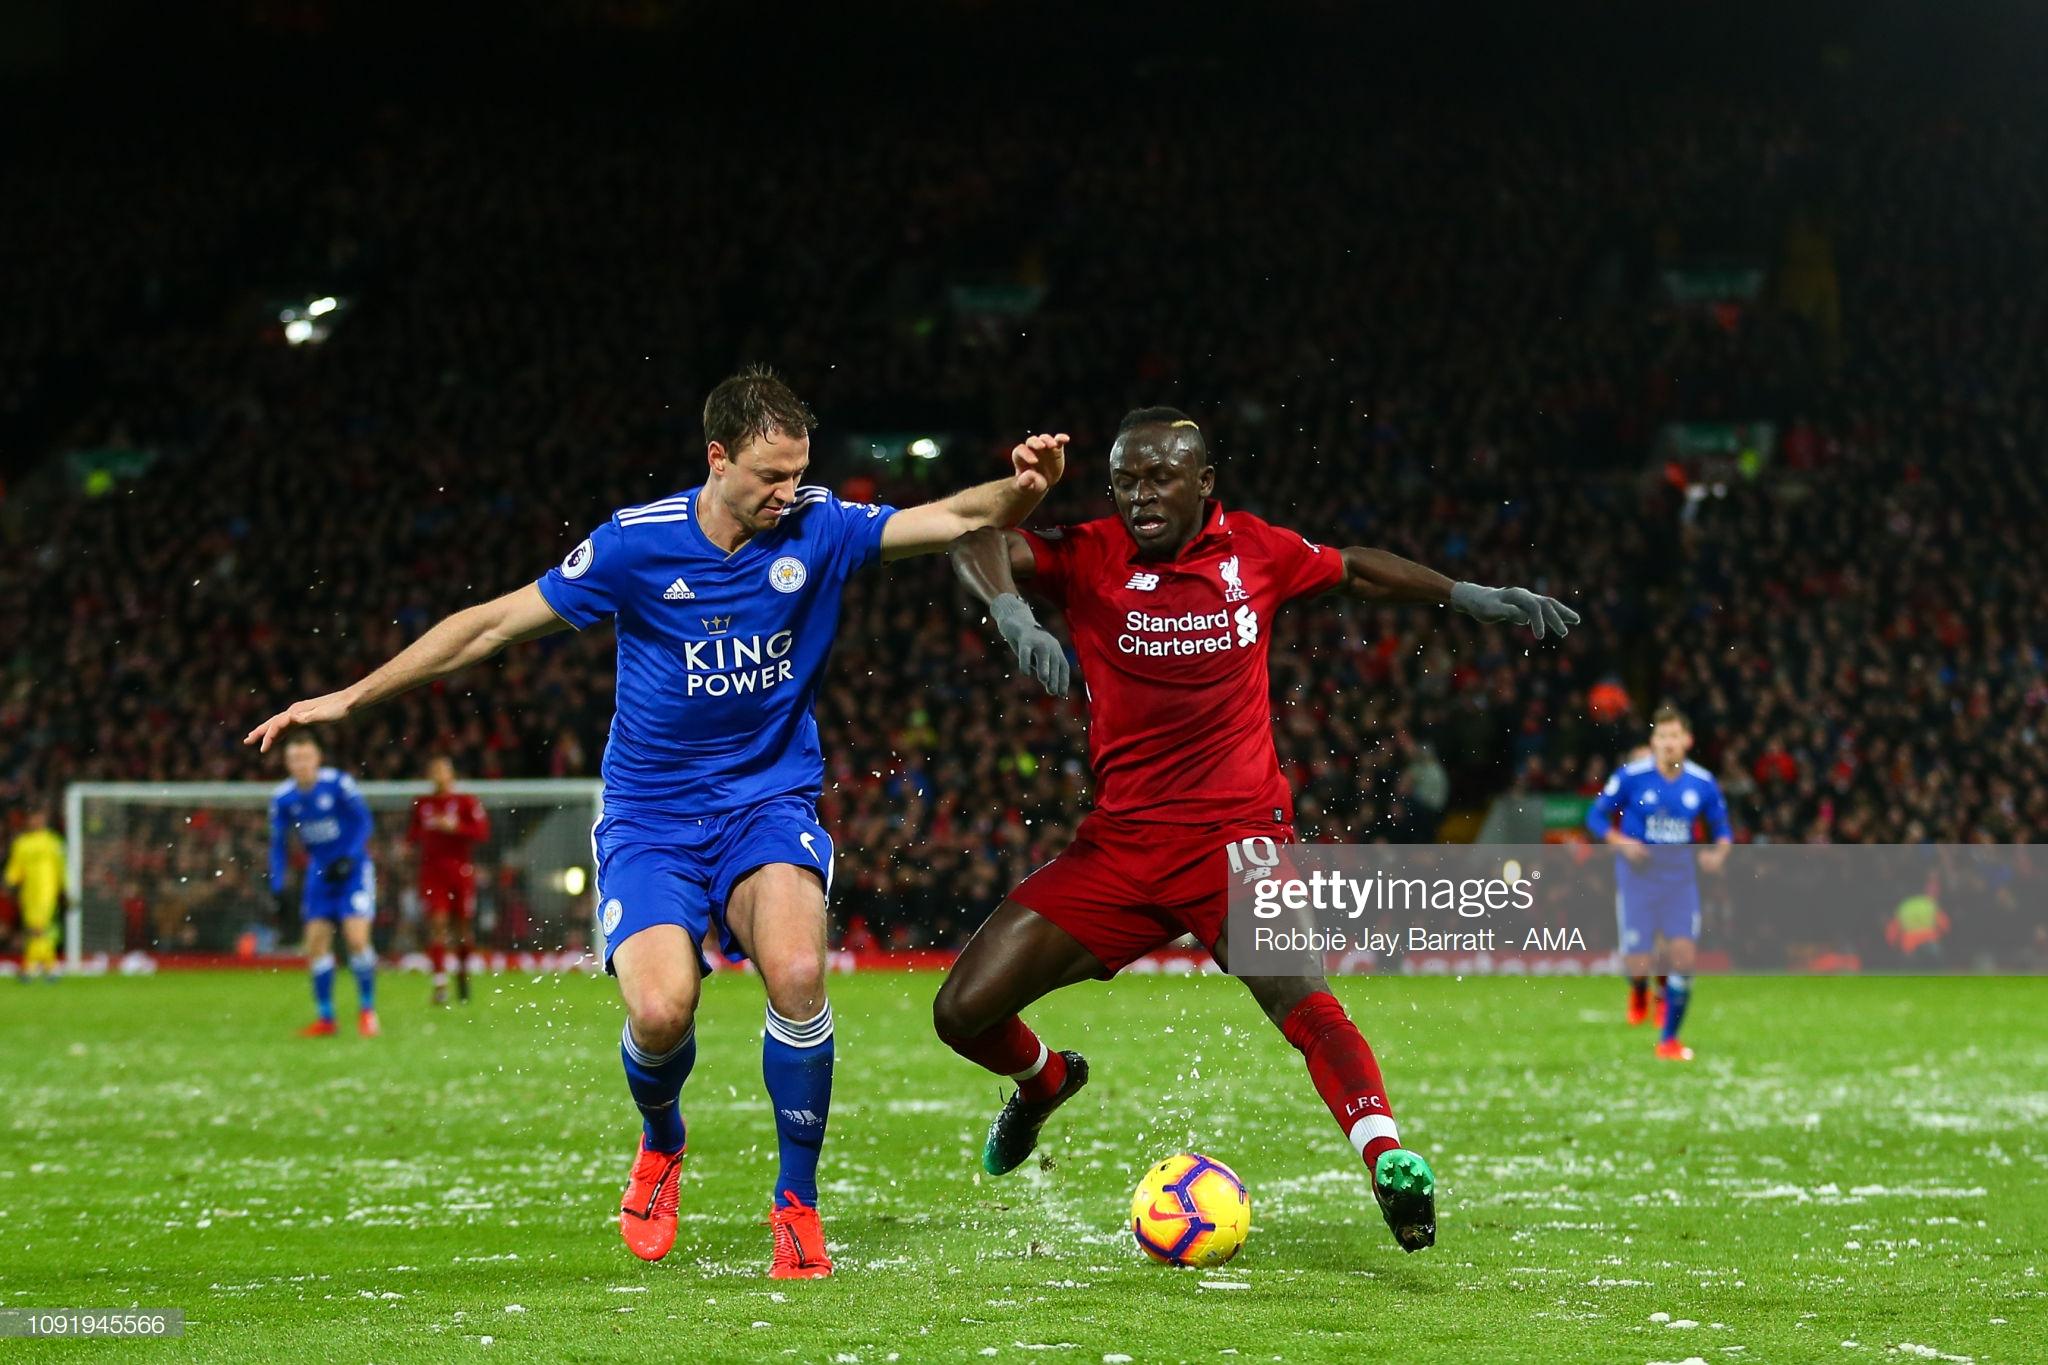 O embate deste sábado entre Liverpool x Leicester, reunirá as duas melhores defesas da Premier League, ambas com cinco gols sofridos o início da 8ª rodada da liga.